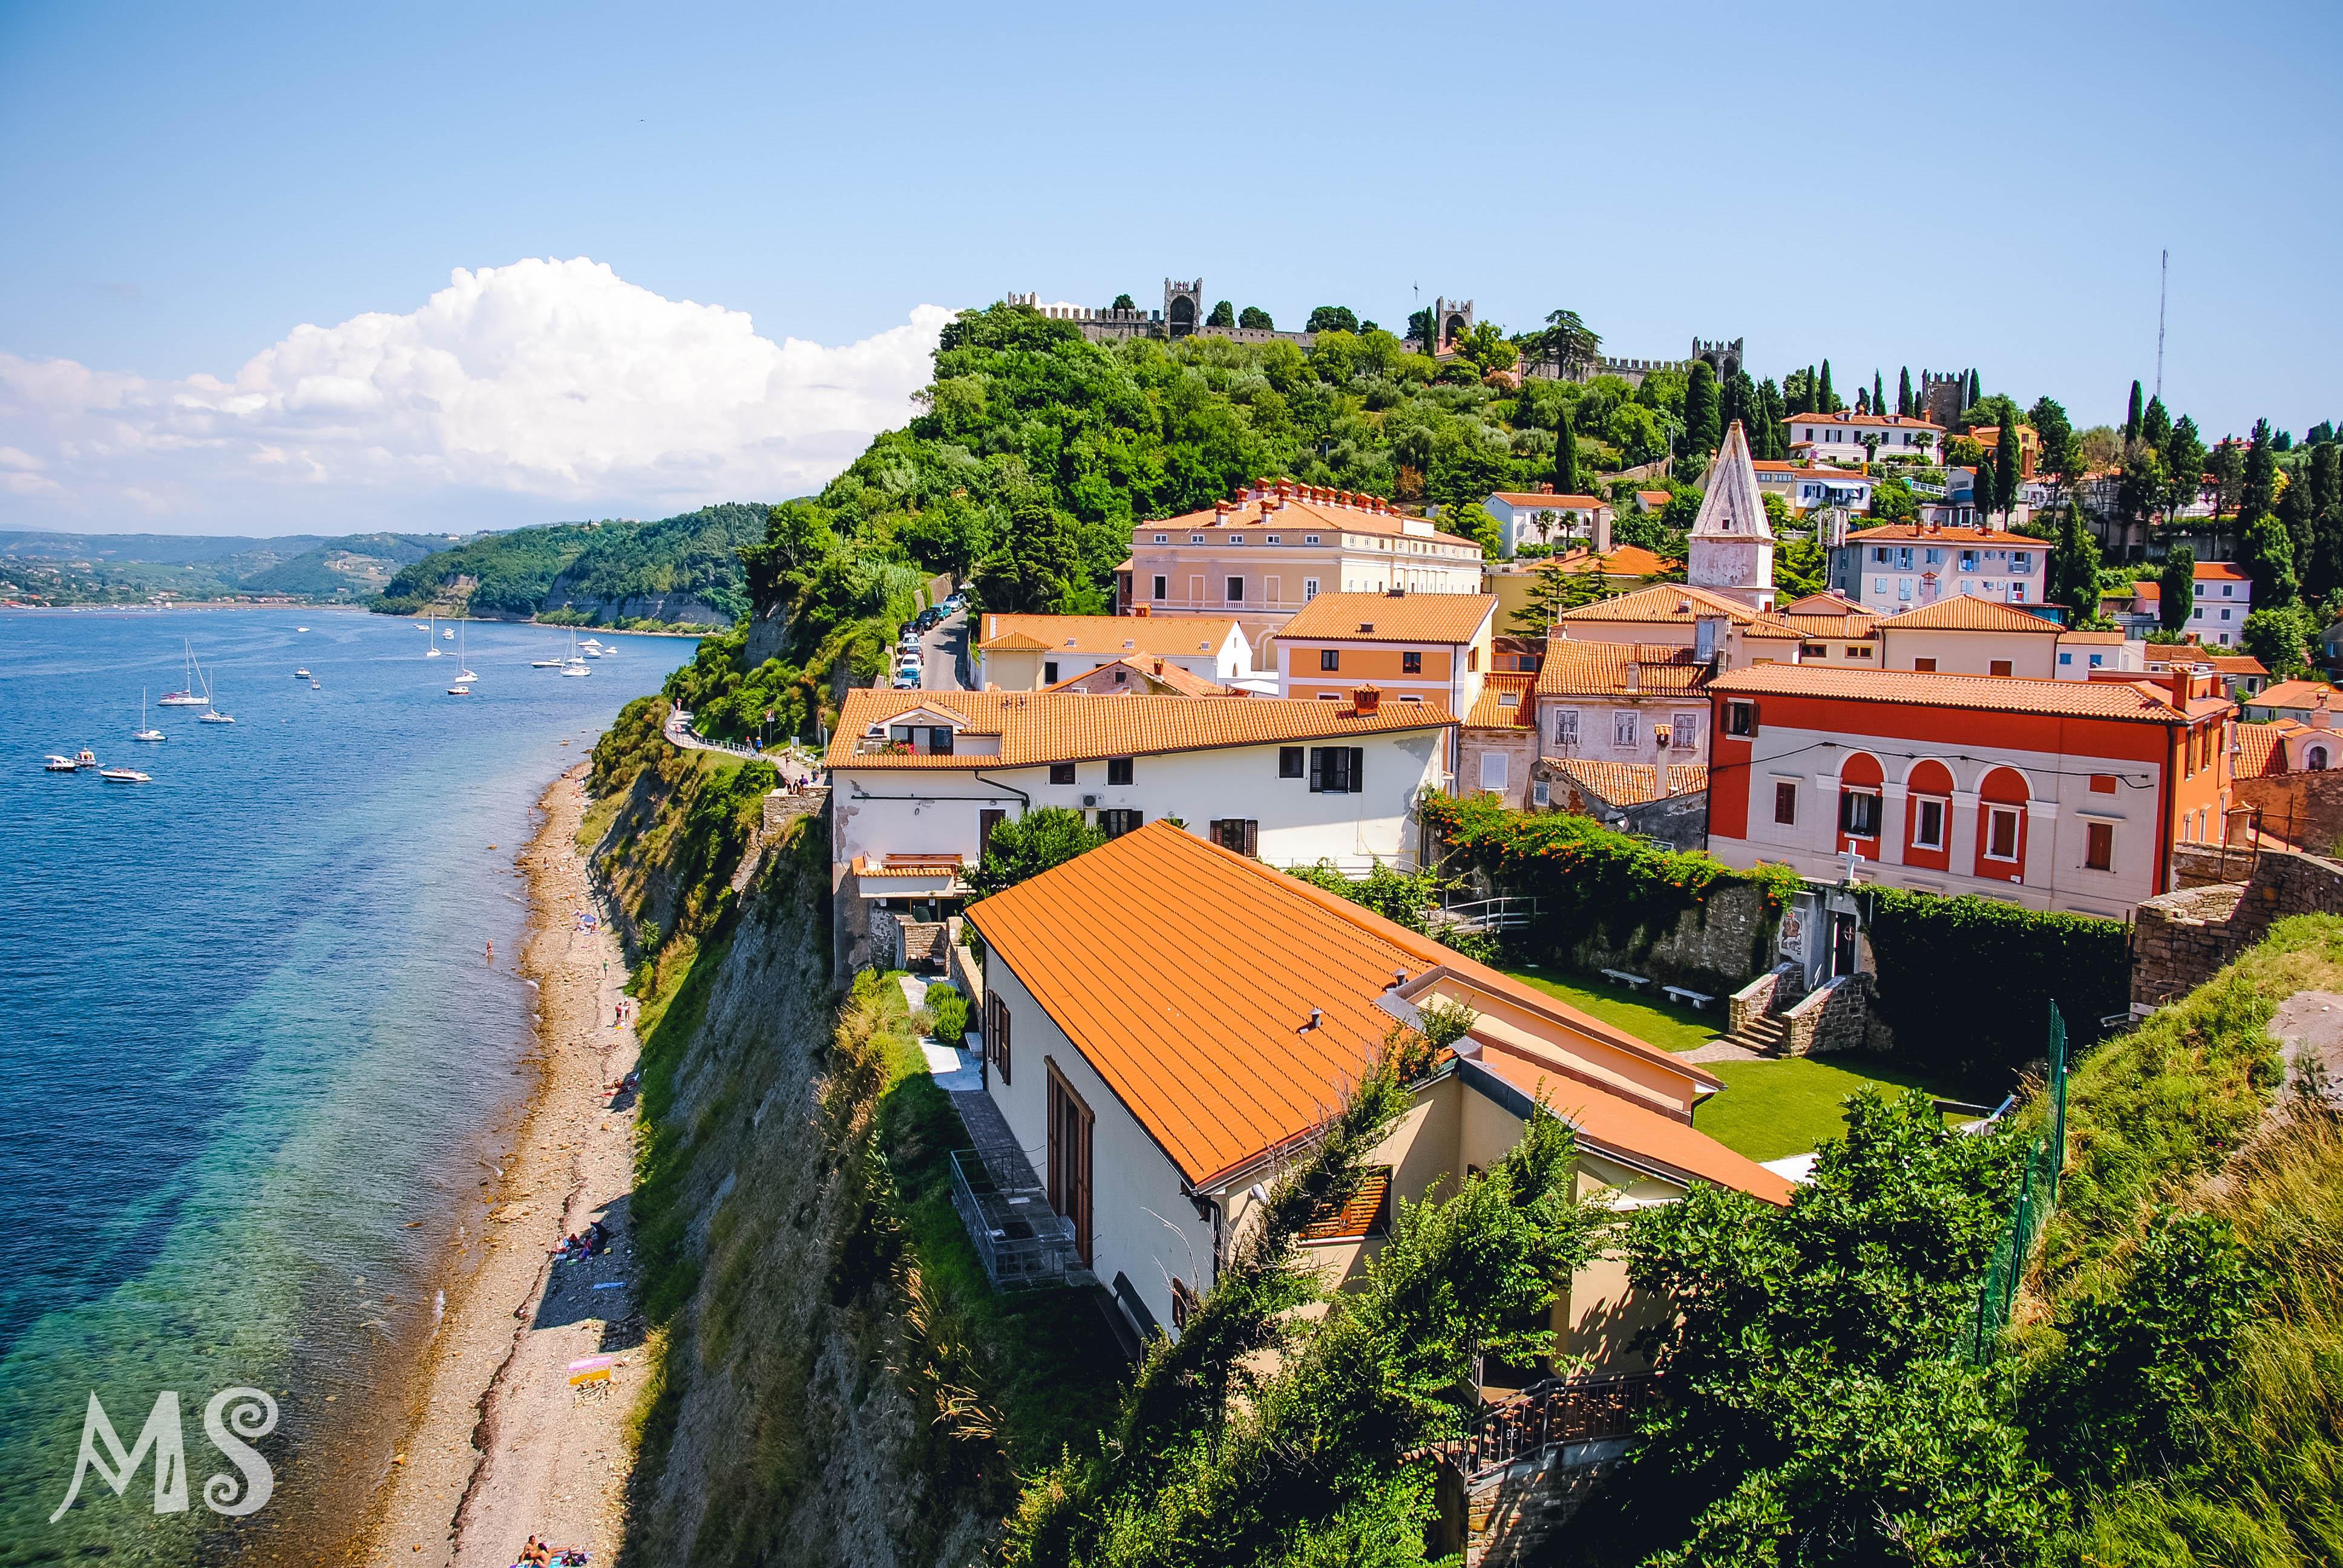 Beauty of Slovenian coast